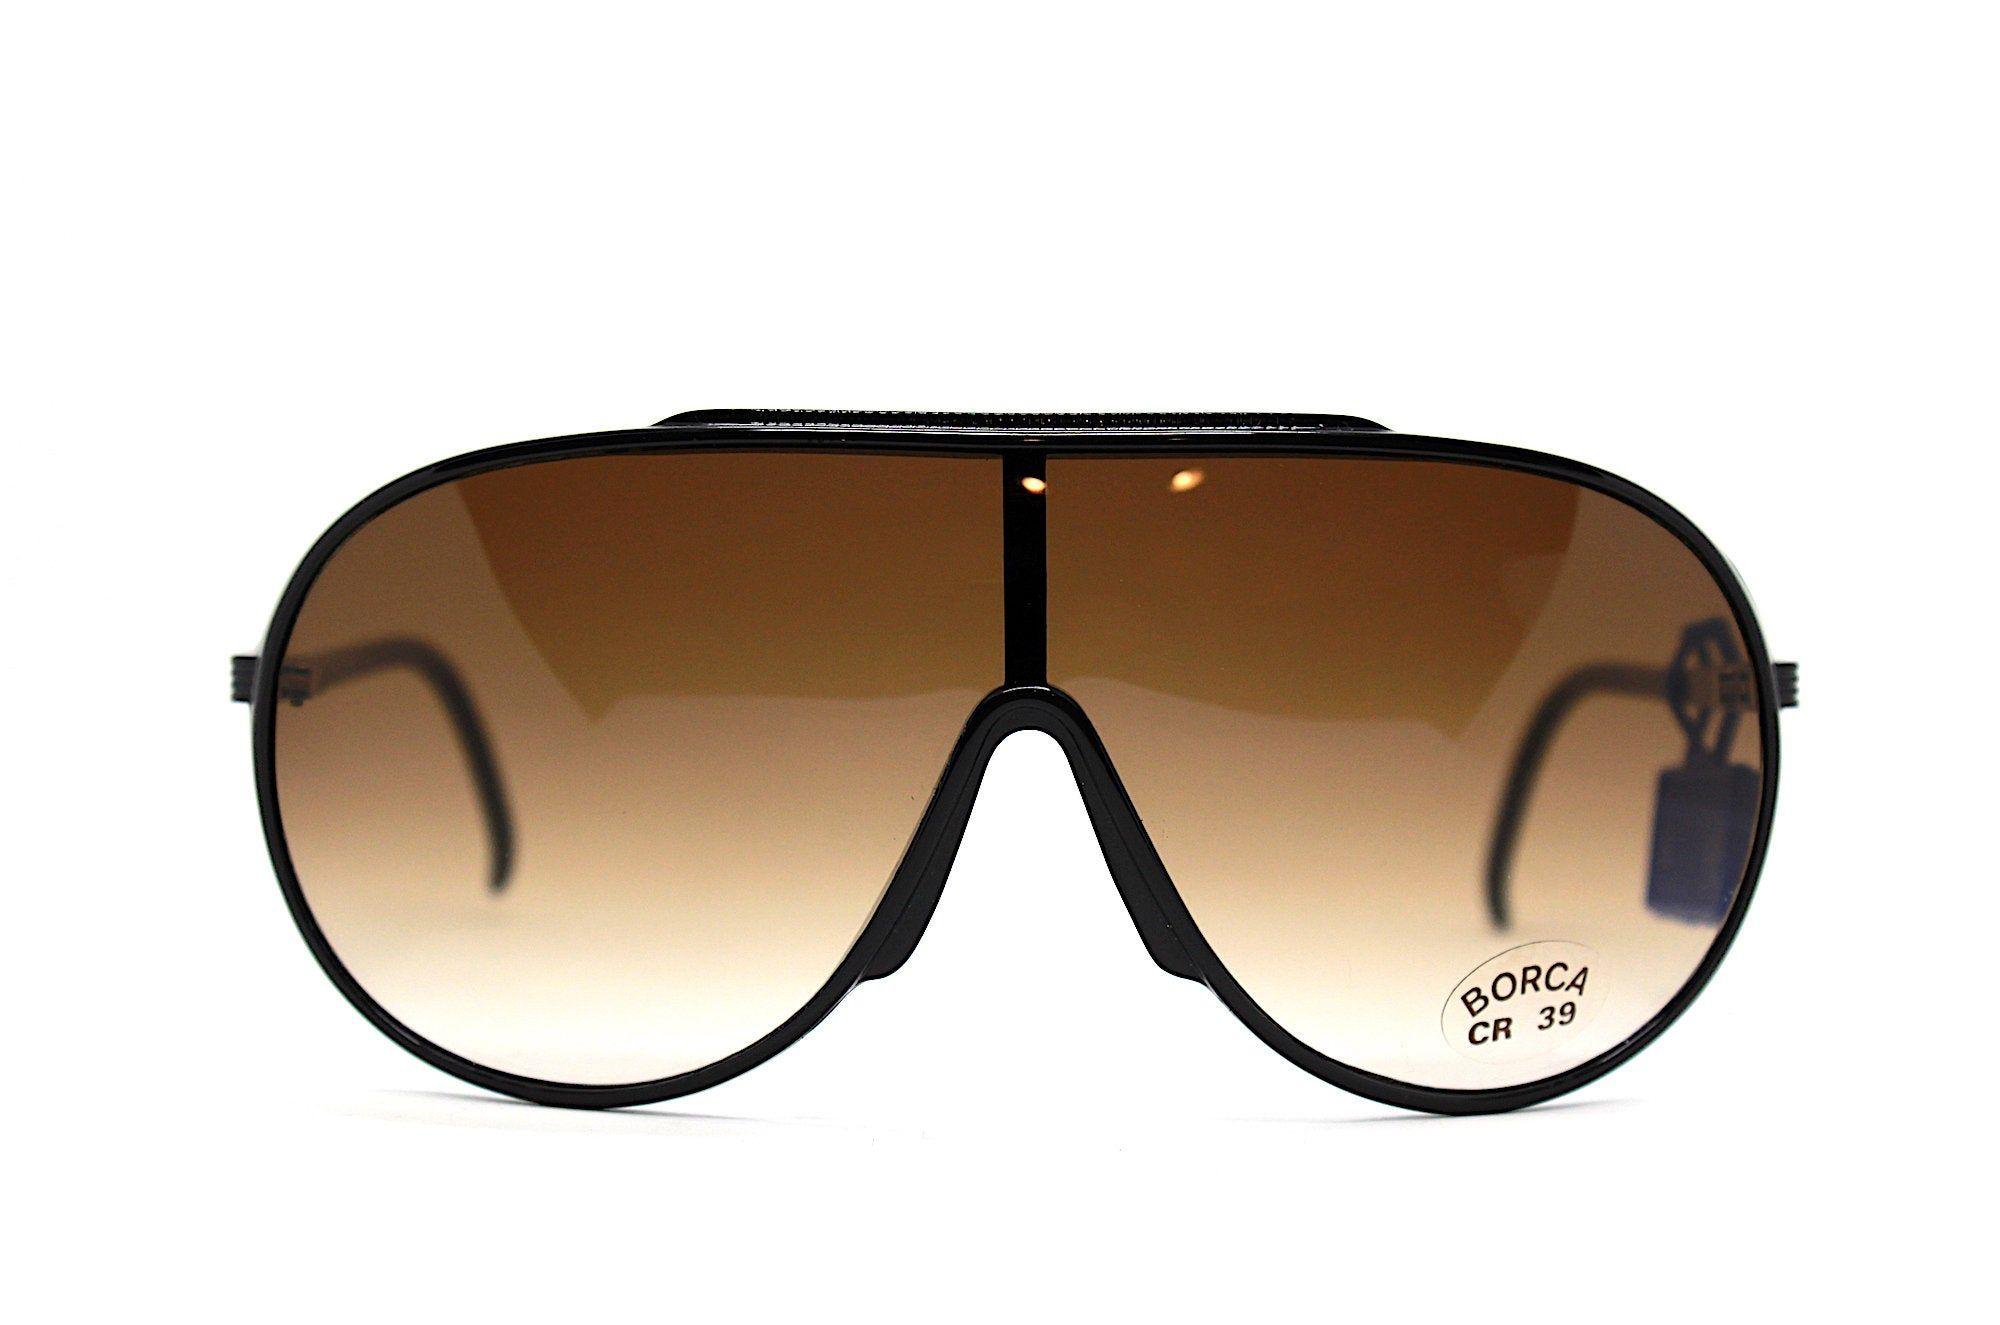 49+ Mascherine occhiali da sole ideas in 2021